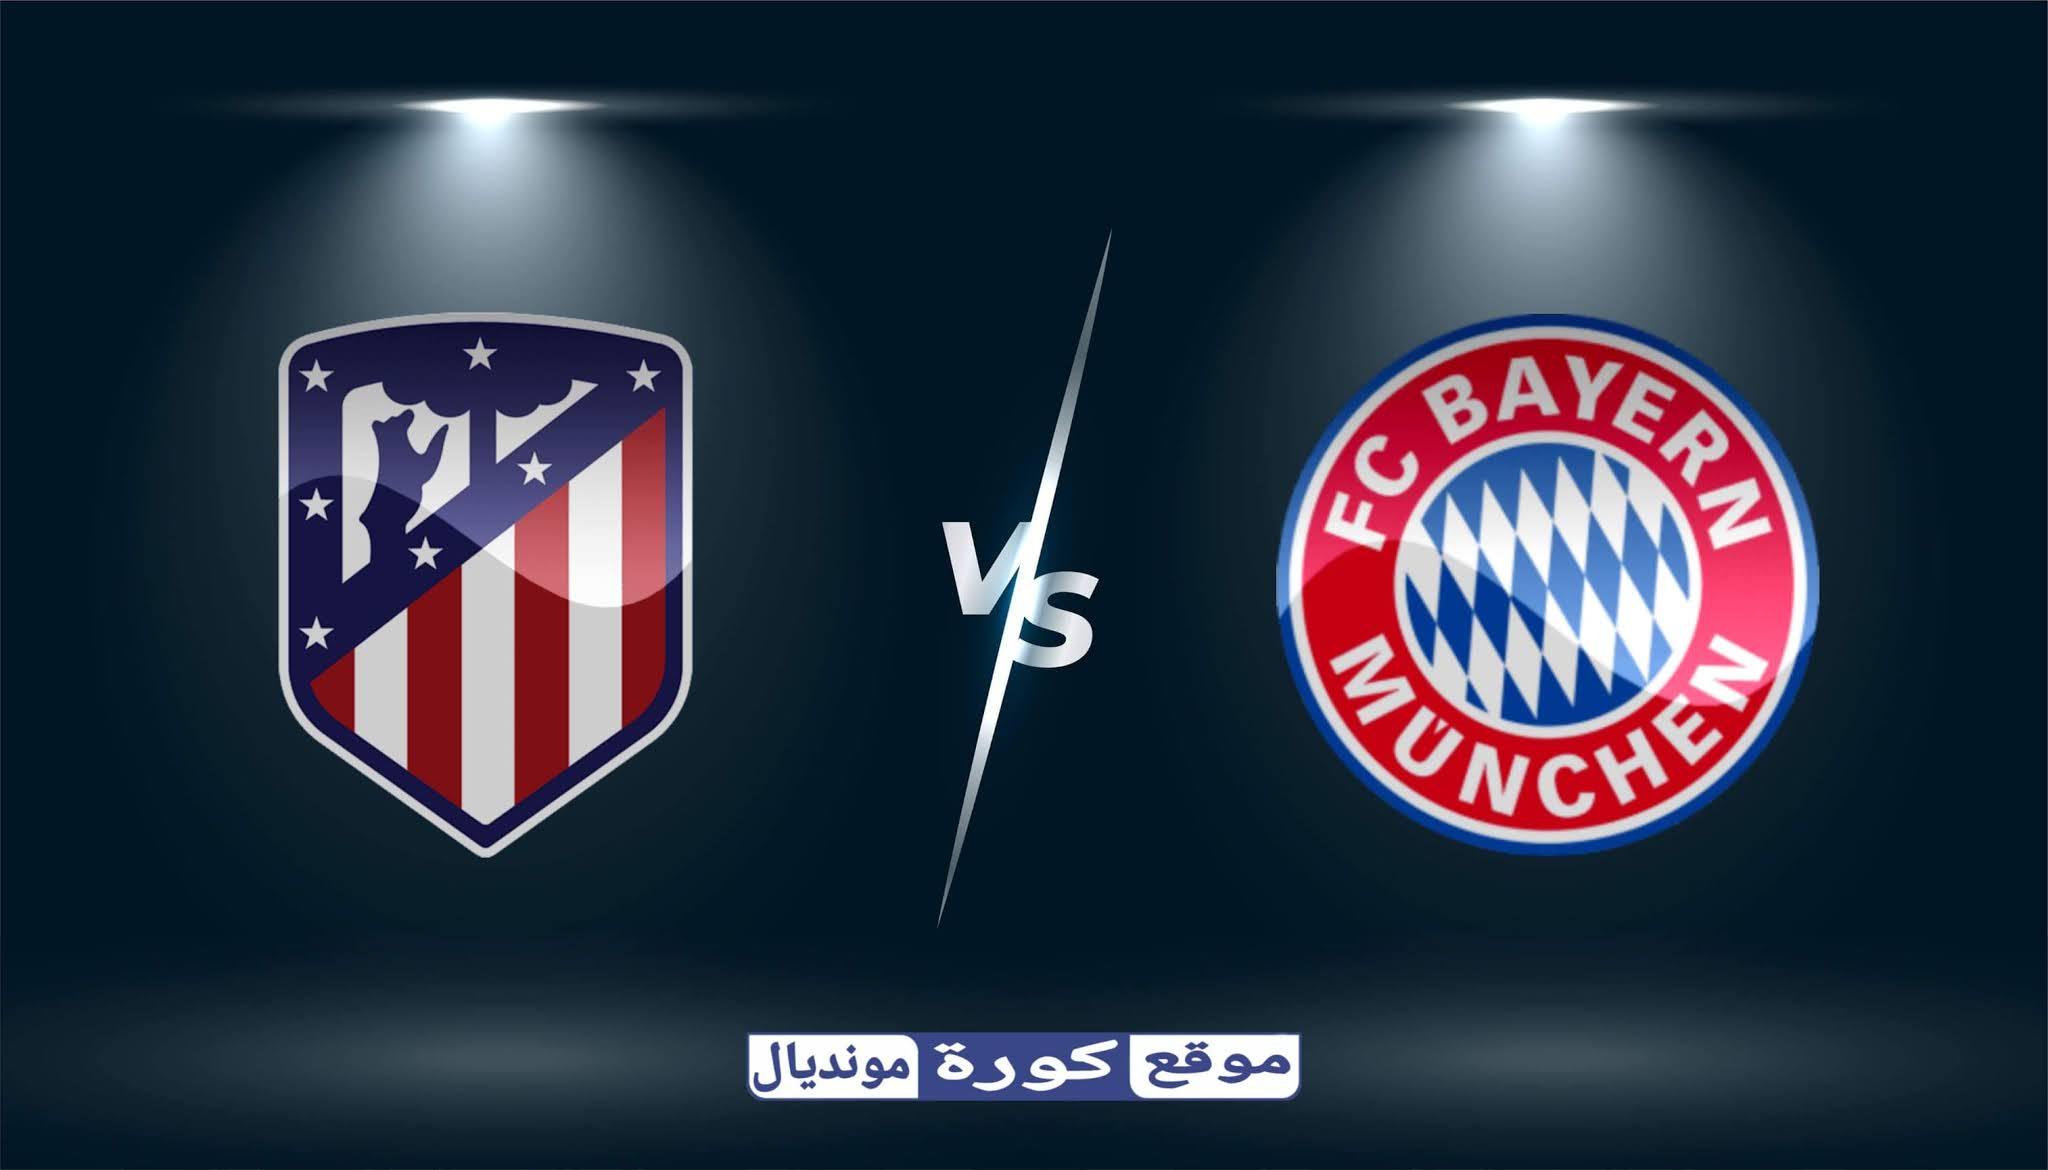 مشاهدة مباراة بايرن ميونخ و أتليتيكو مدريد بث مباشر اليوم 21-10-2020 في دوري أبطال أوروبا جو فور كورة